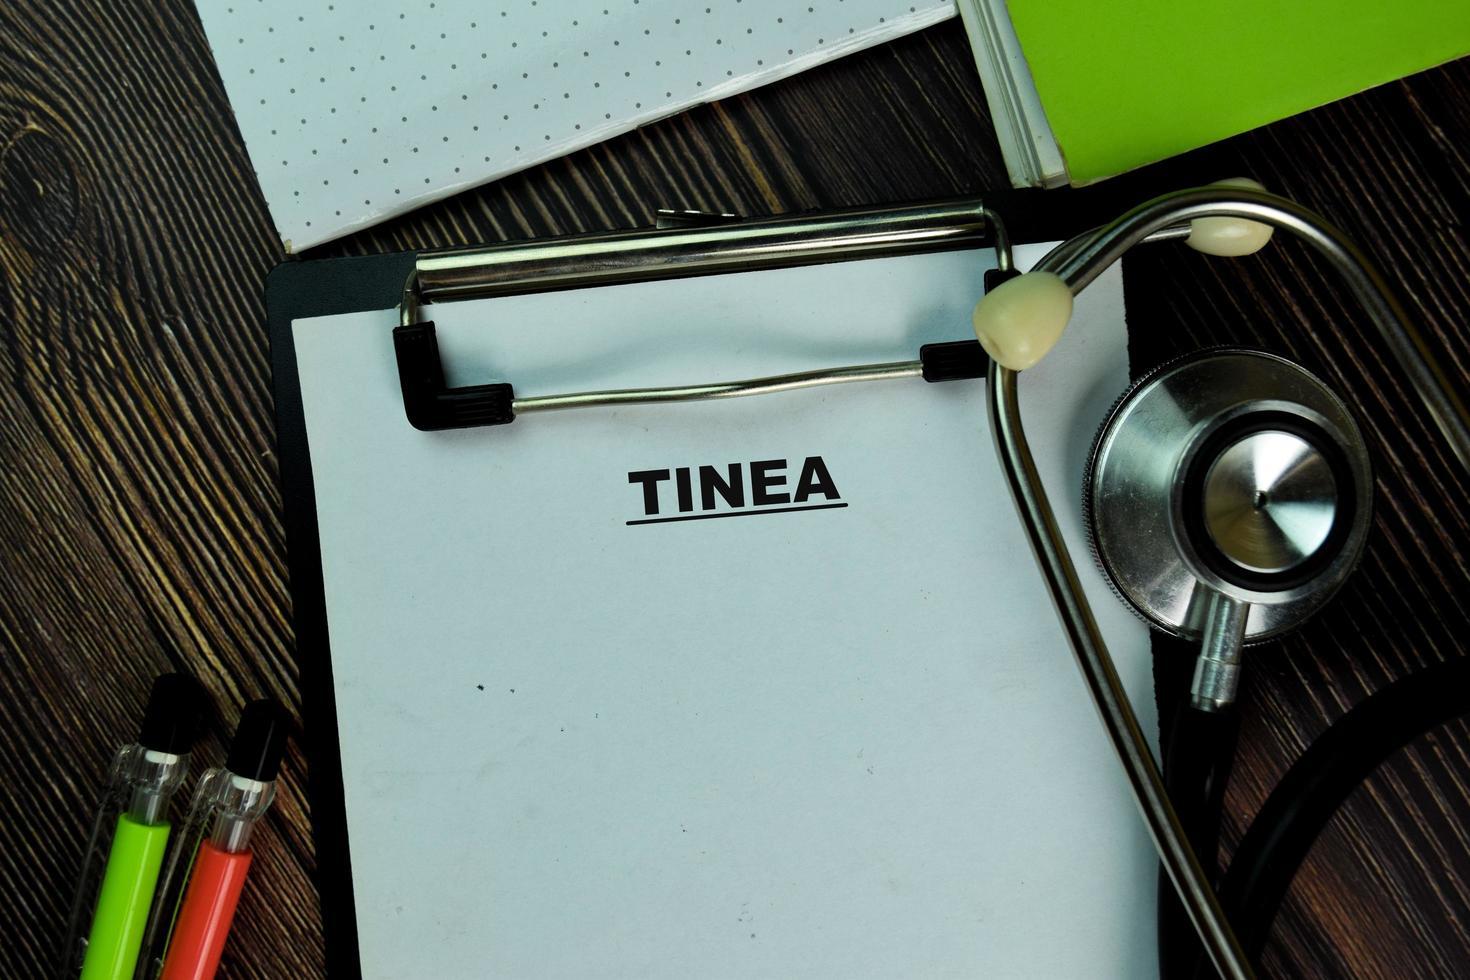 tinea geschreven op papierwerk geïsoleerd op houten tafel foto